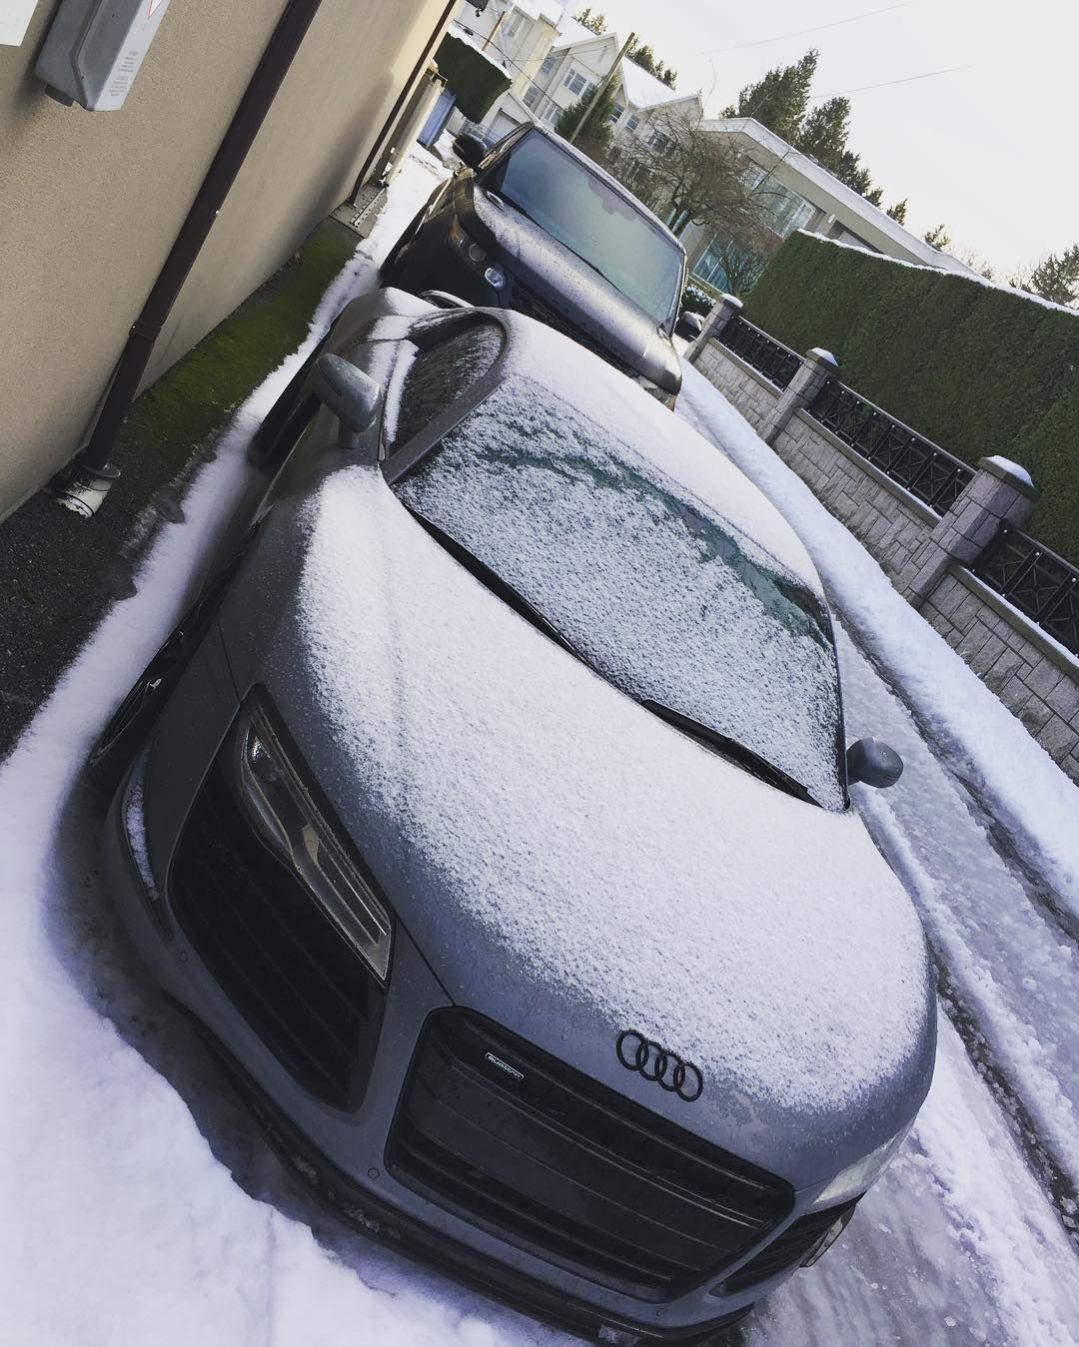 NardoGrey Audi R8 0005